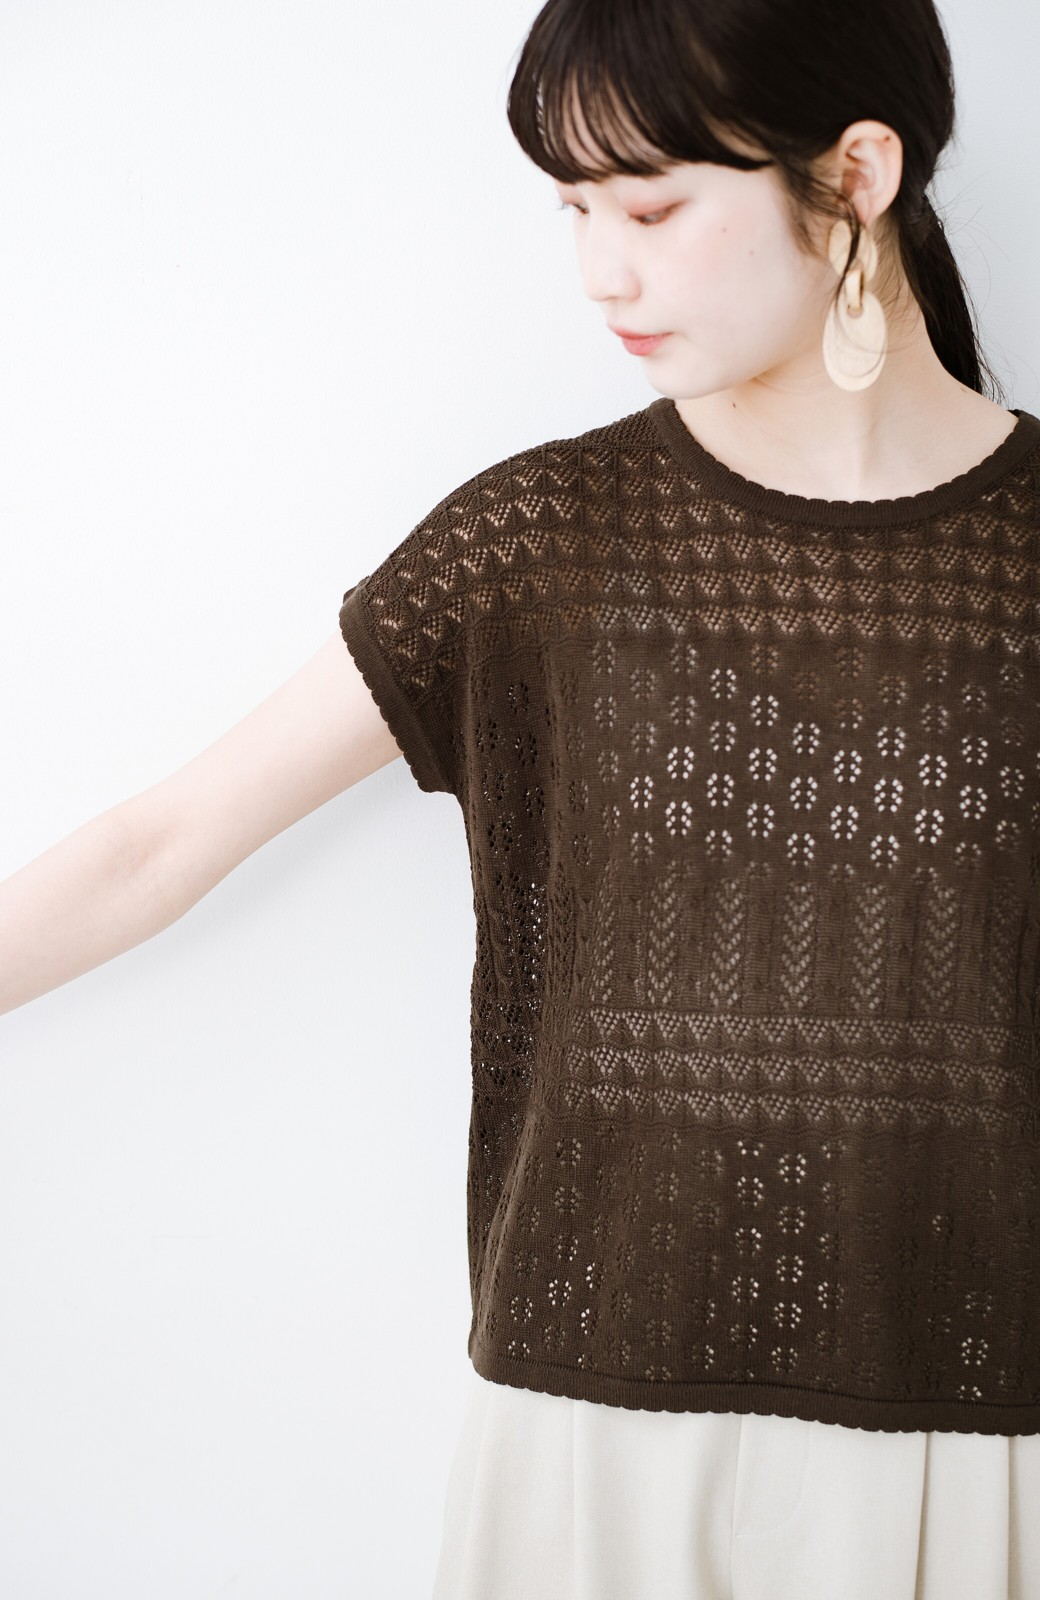 haco! 1枚でも重ね着にも便利なヘビロテしたくなる透かし編みニットトップス <チョコ>の商品写真11